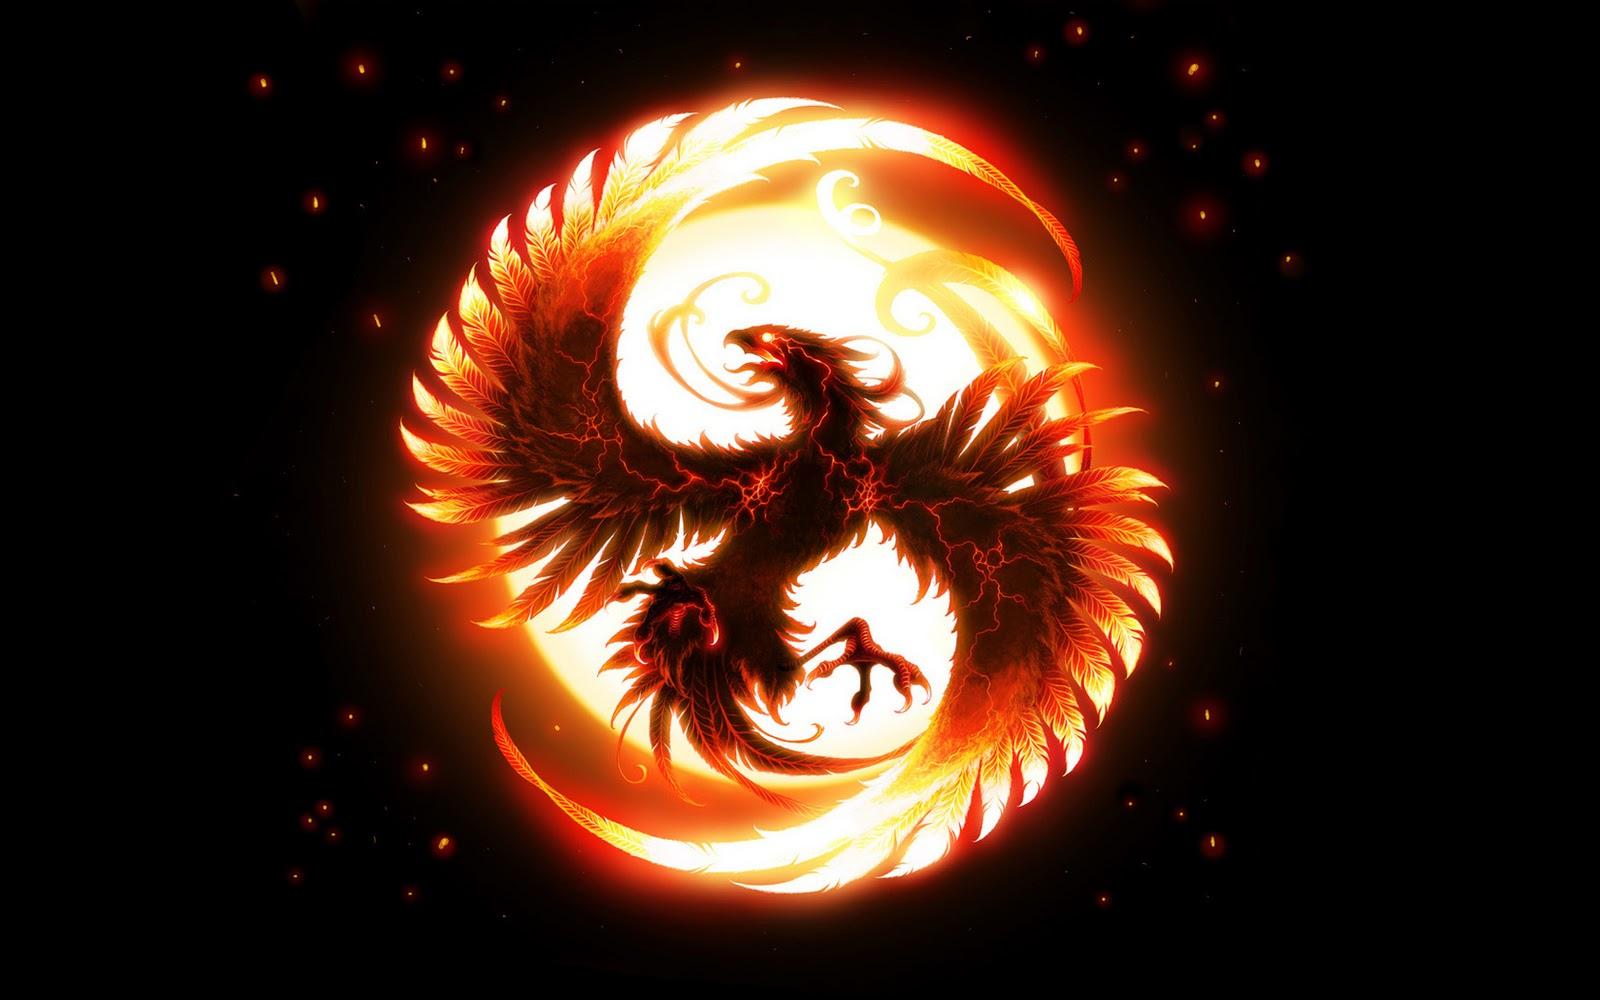 https://4.bp.blogspot.com/-zqPF-EL_Rdo/Tp2EQ6QxgUI/AAAAAAAAATU/Dsm2M0x_zmU/s1600/Phoenix.jpg